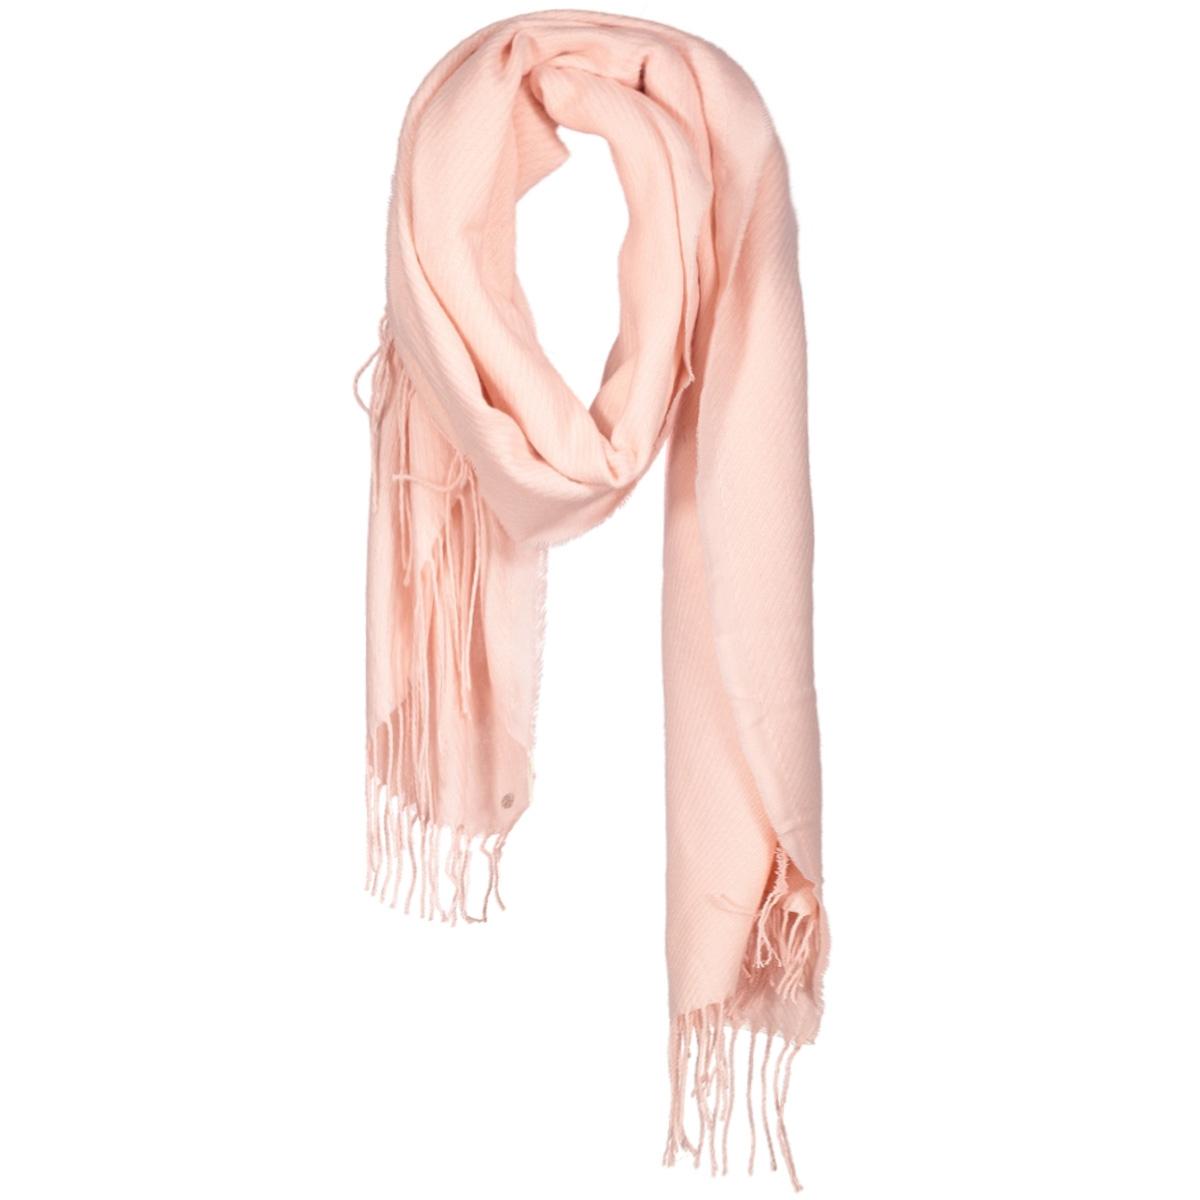 0221682.09.71 tom tailor sjaal 4676